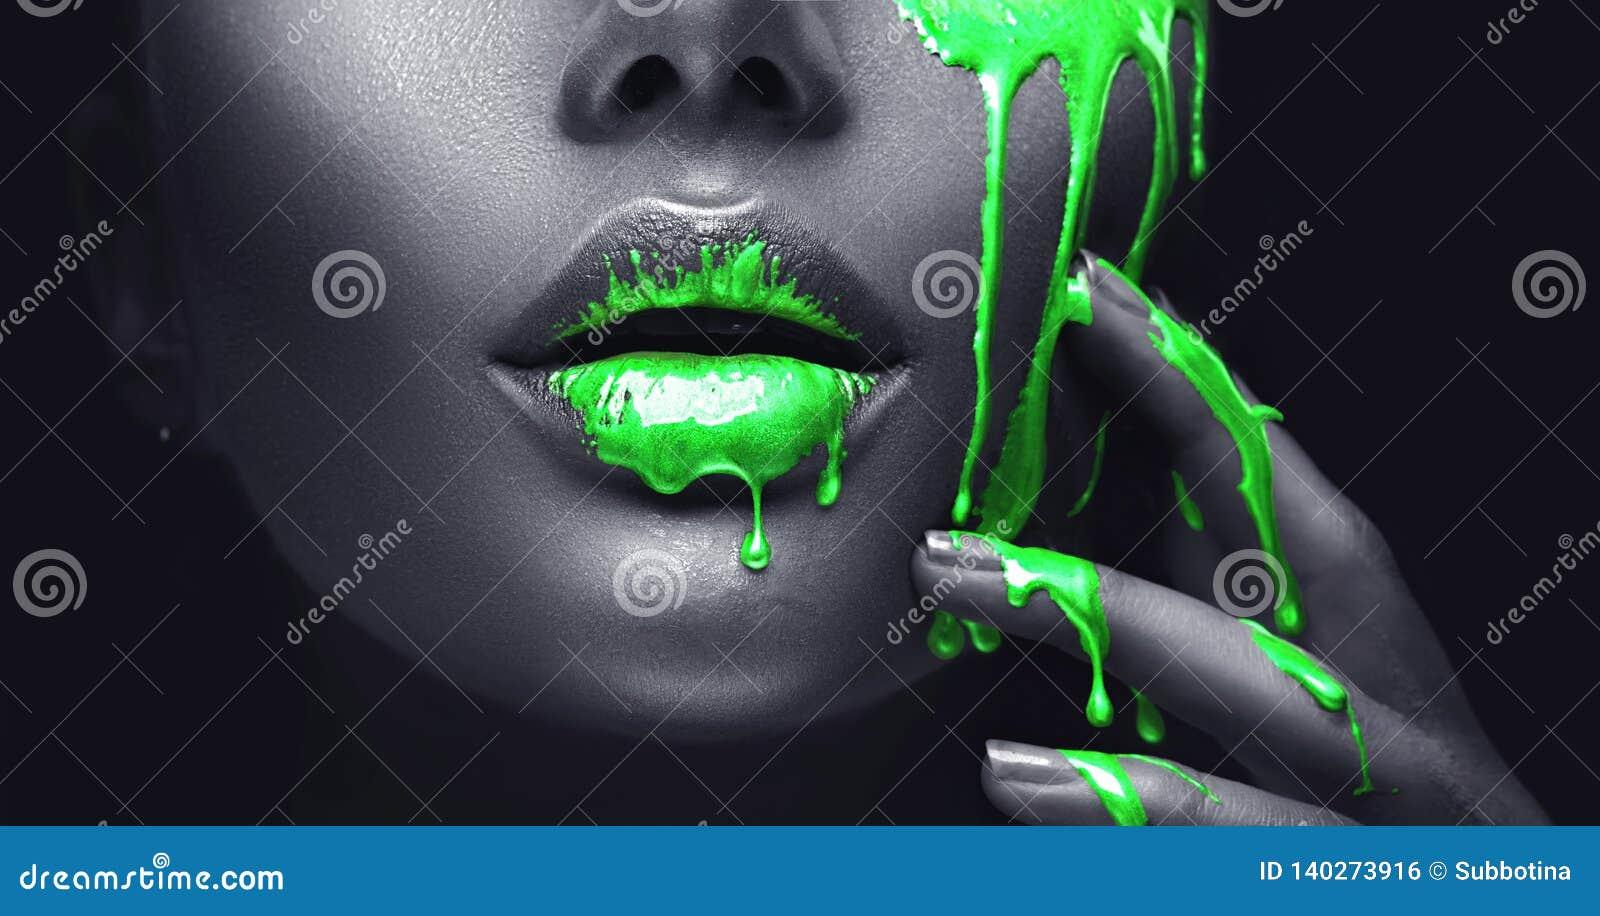 Bevlekt de neon groene verf druppels van de gezichtslippen en hand, groene vloeibare dalingen op de mond van het mooie modelmeisj